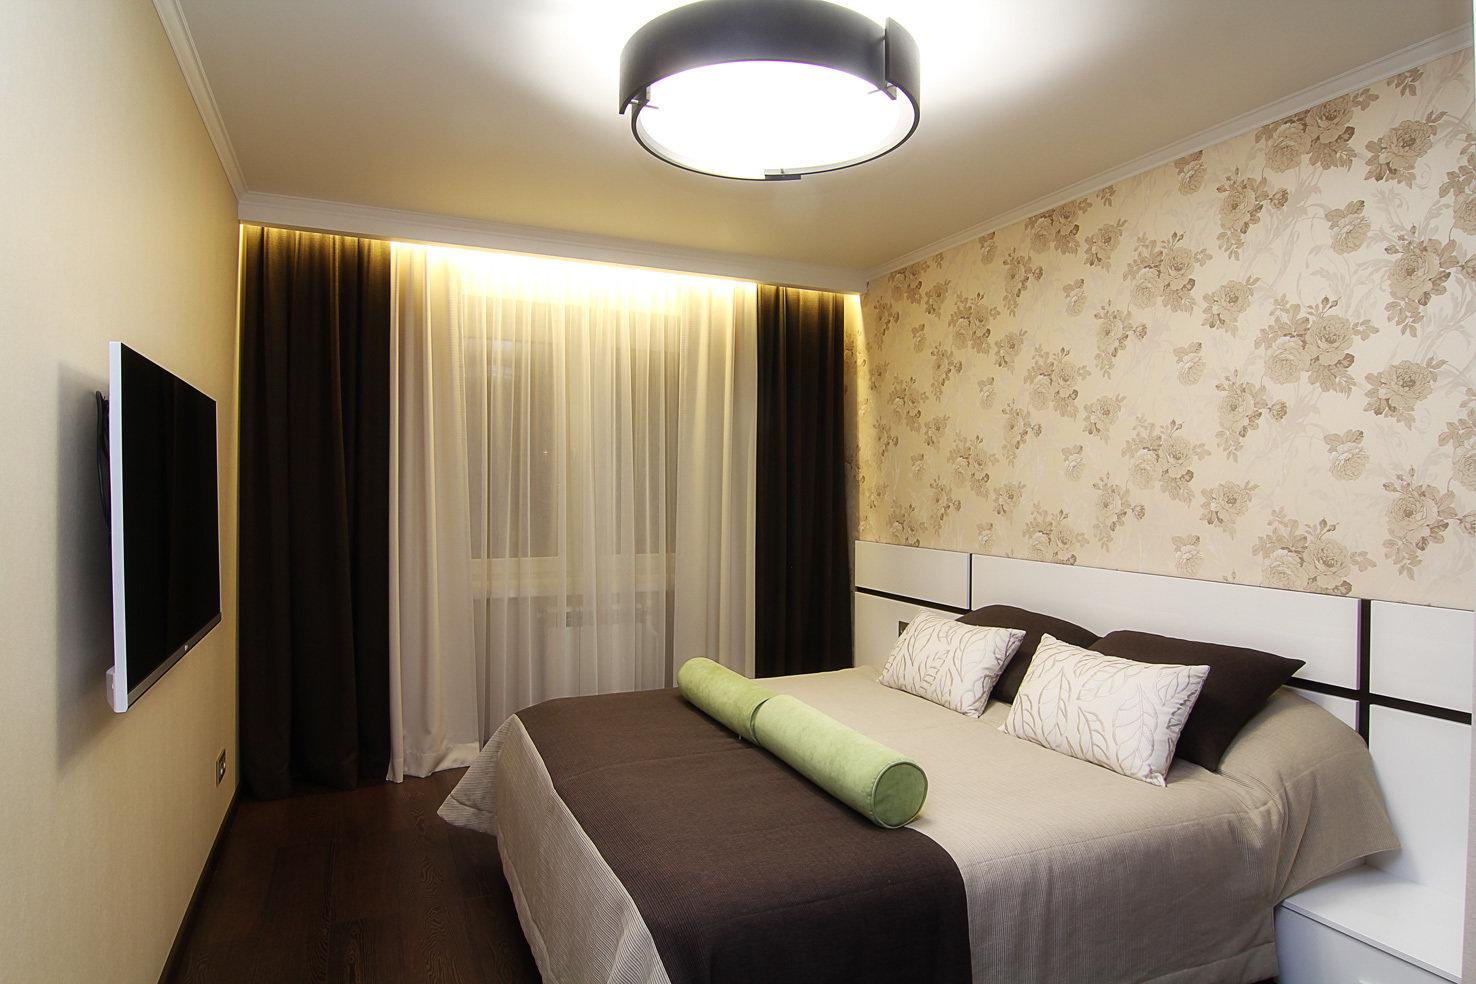 Материалы отделки в сочетании с освещением в спальне